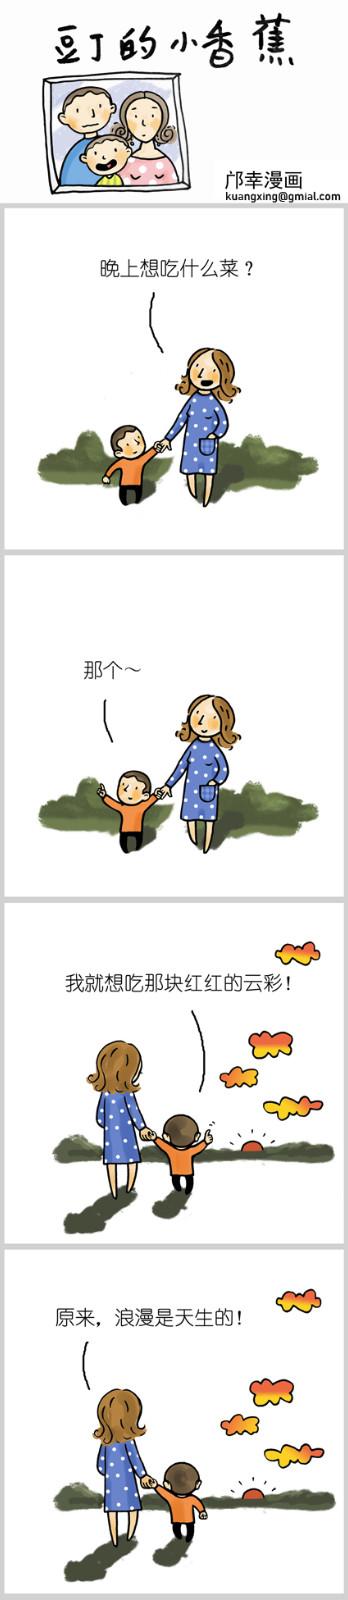 【邝幸漫畫】《小香蕉200》浪漫_图1-1